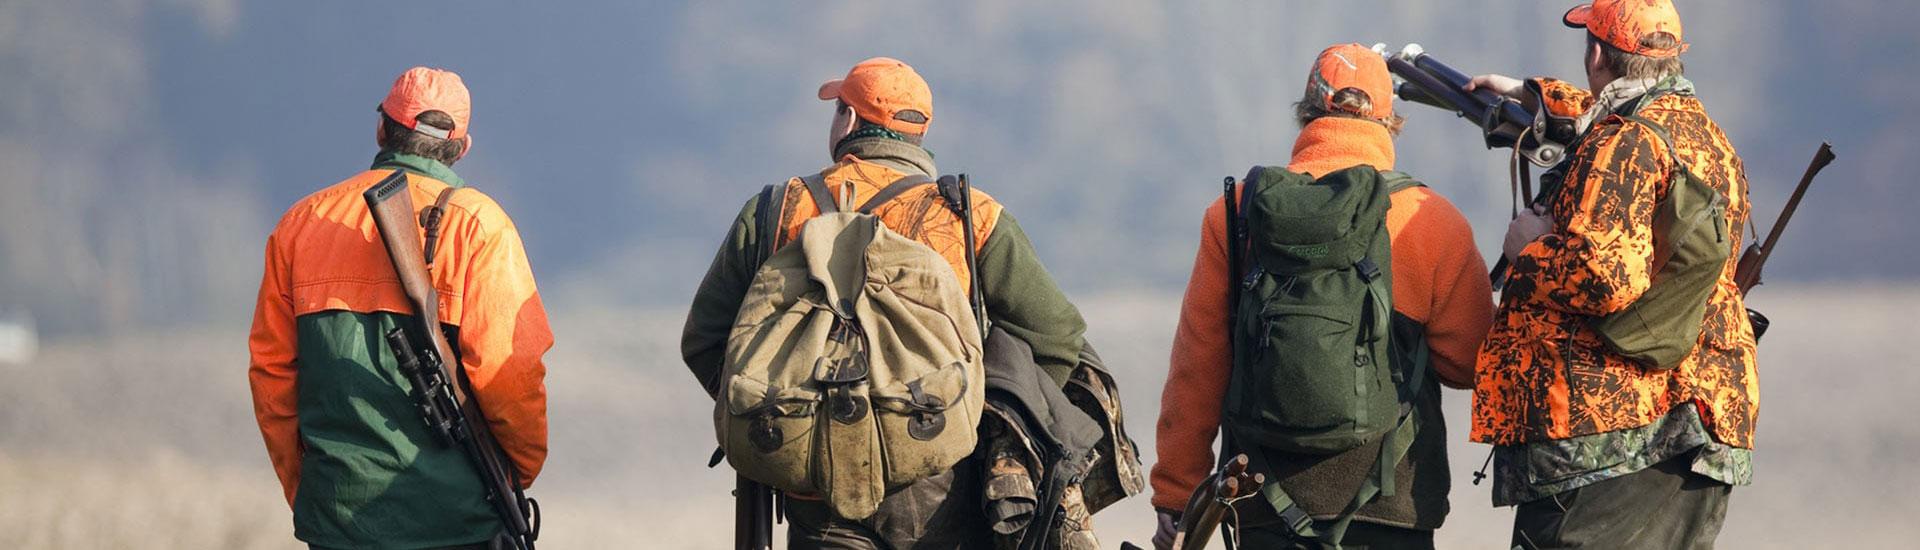 4 Jäger auf der Suche nach einem guten Standort in der Natur